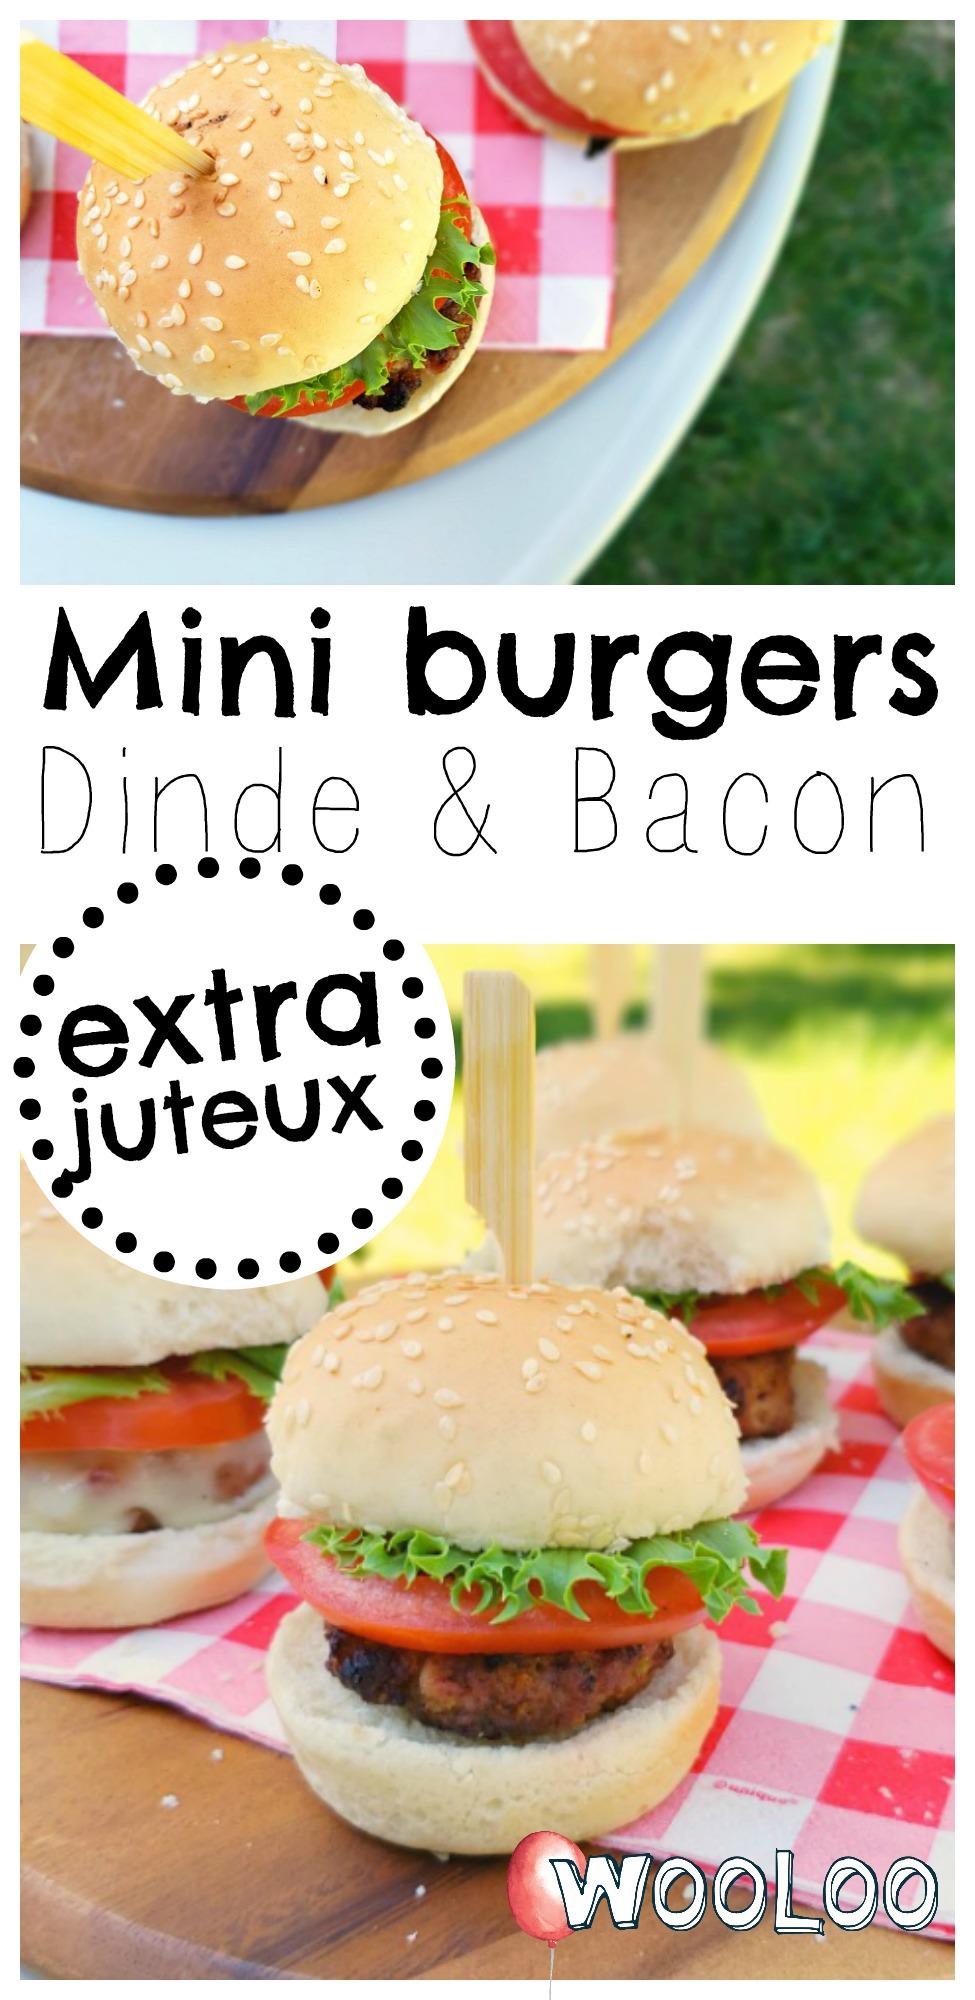 Mini burgers de dindon au bacon extra juteux wooloo